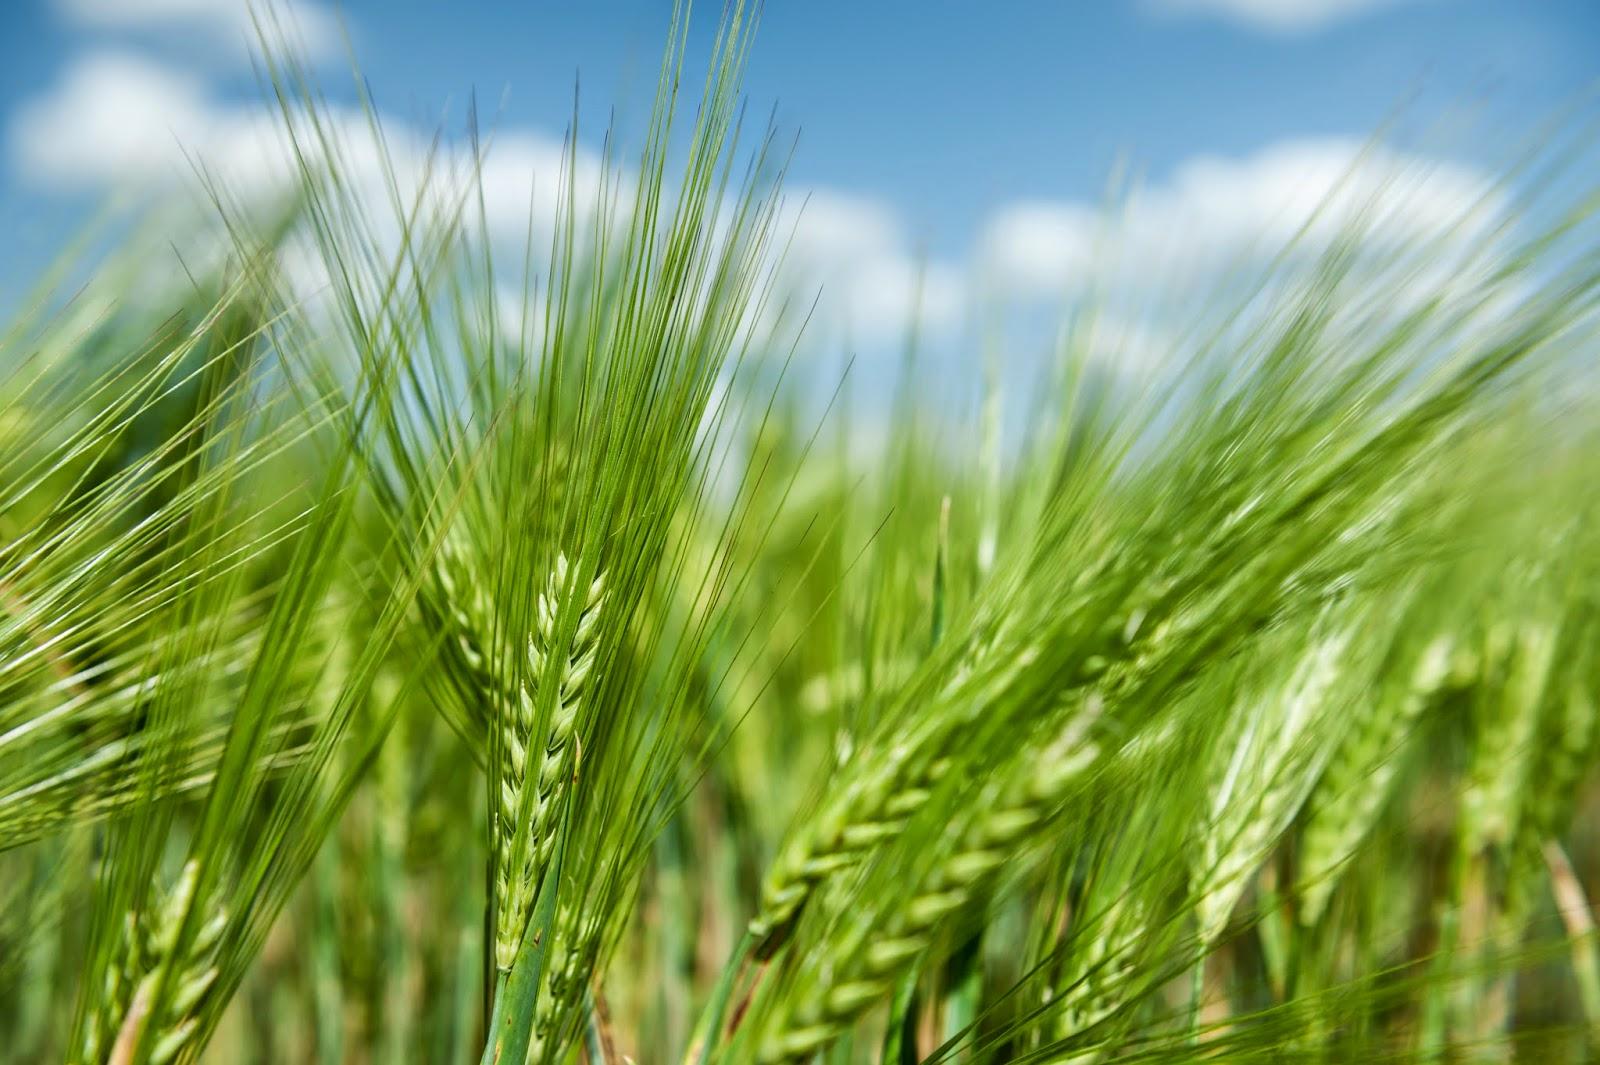 Green Wheat Fields In Pictures ? Elsoar